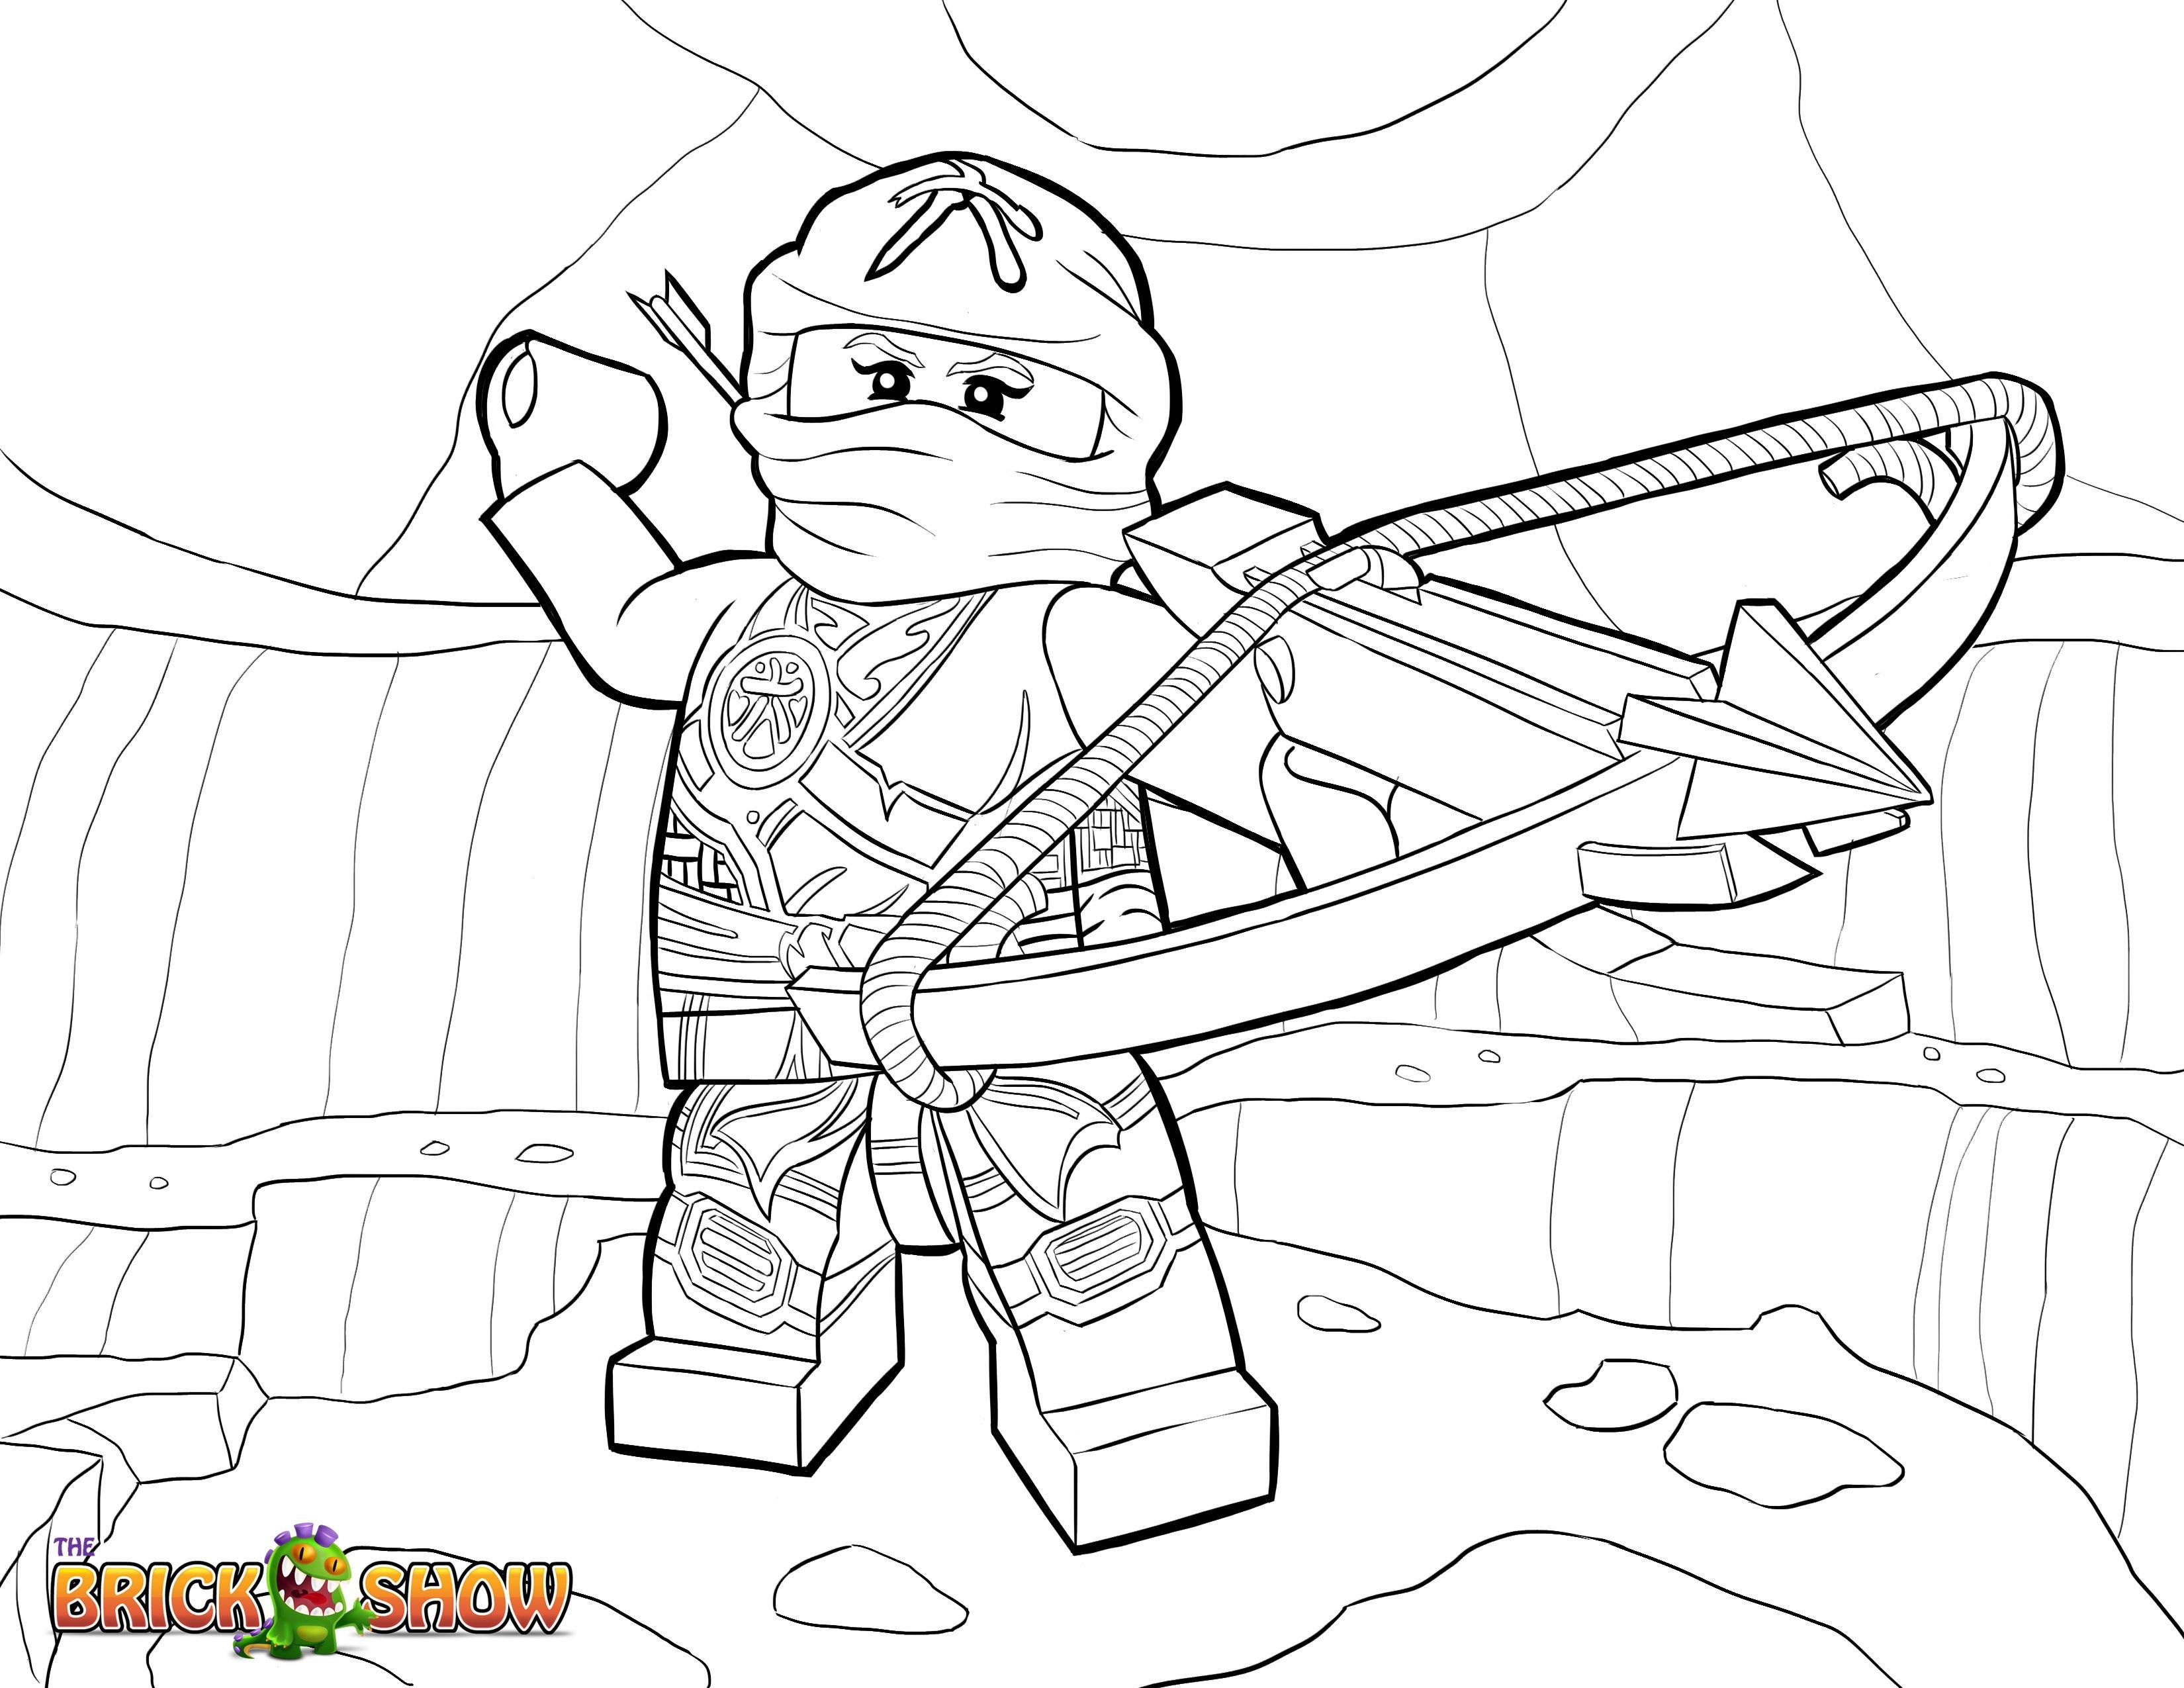 Lego Ninjago Malvorlage Neu Ausmalbilder Lego Ninjago Morro Schön Malvorlagen Ninjago Lloyd Neu Stock